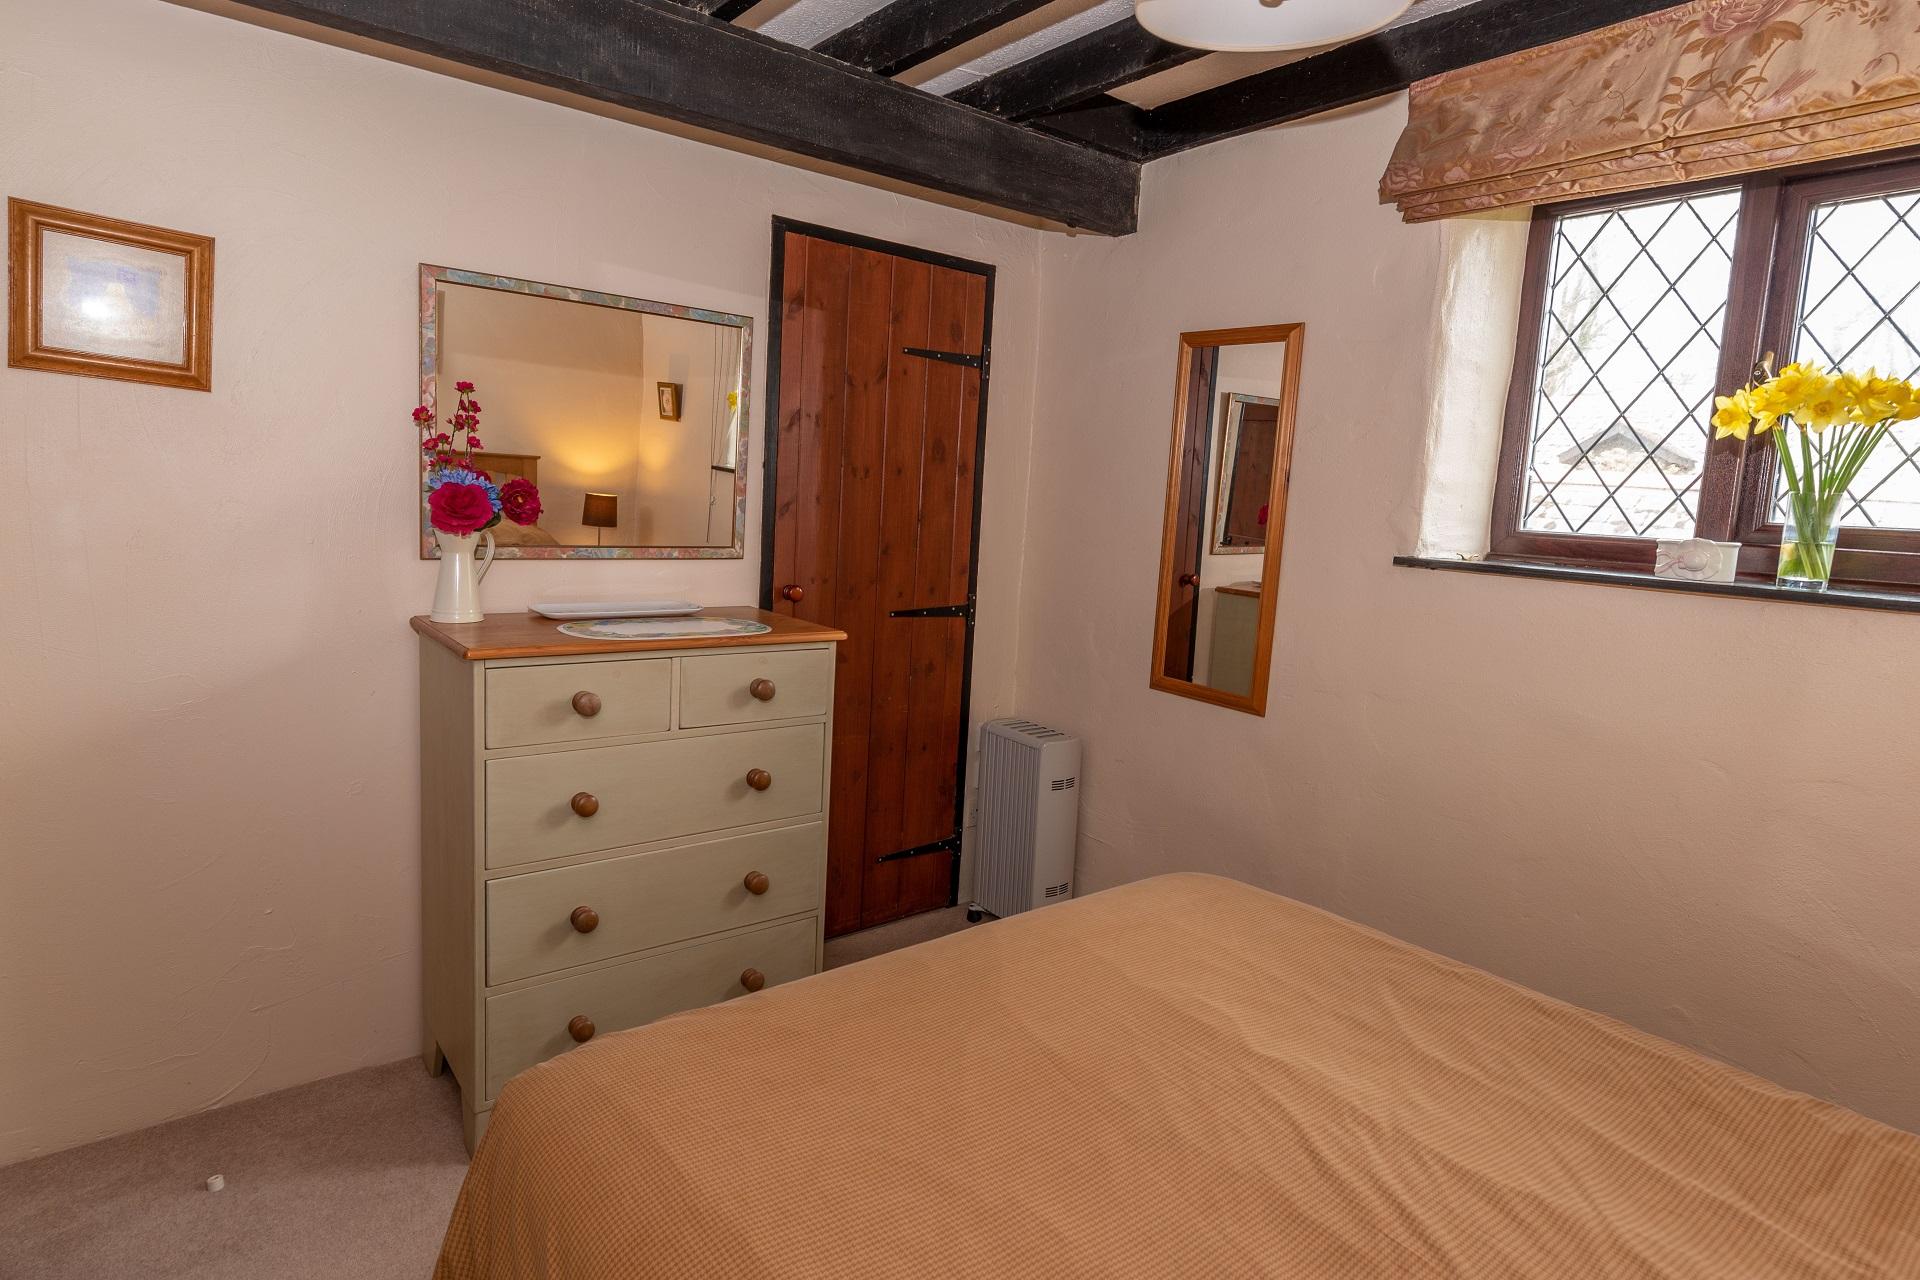 Byre Cottage Bedroom1 3